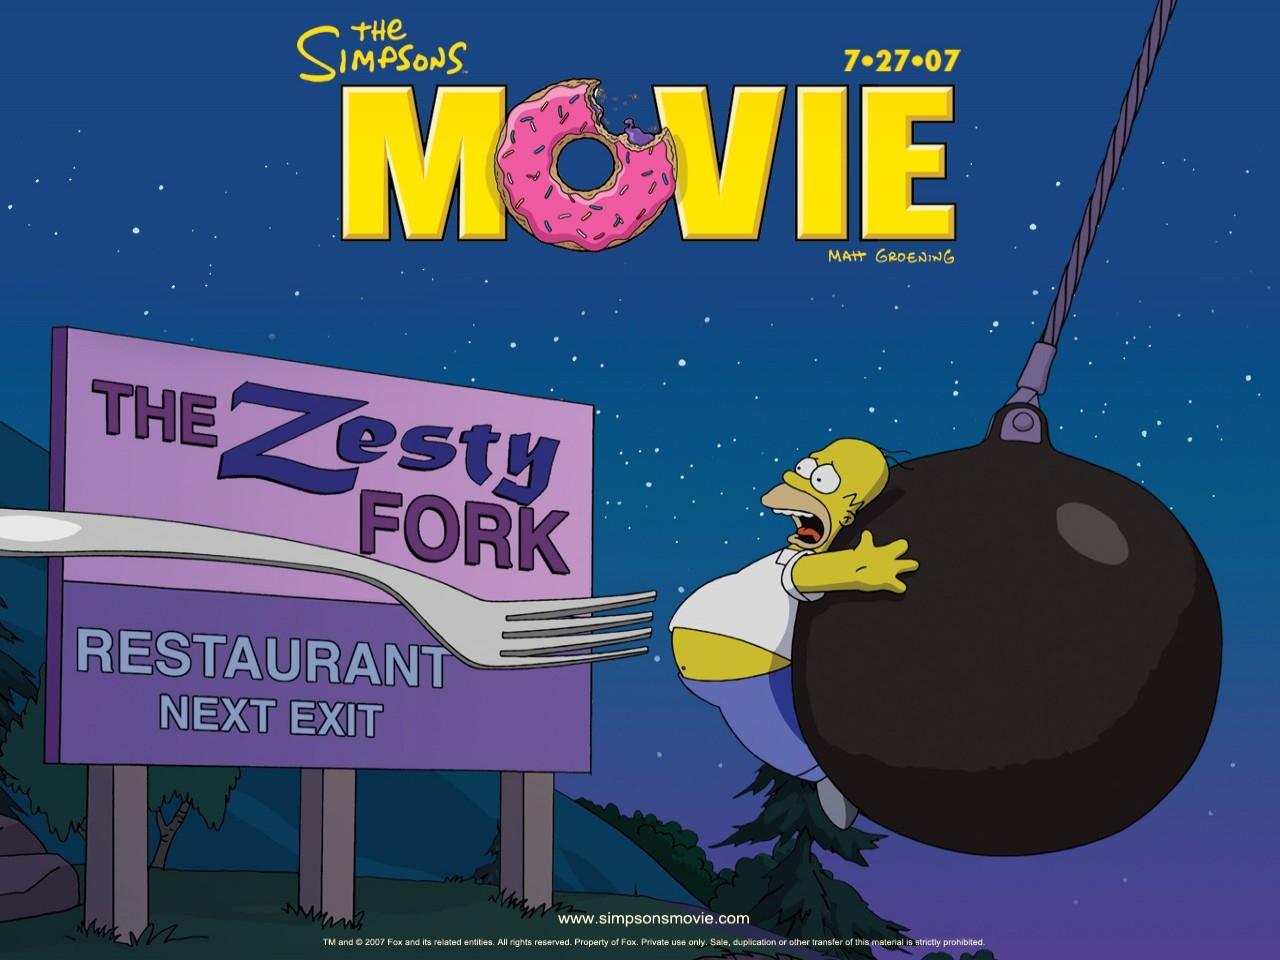 Un wallpaper promozionale del film I Simpson - il film